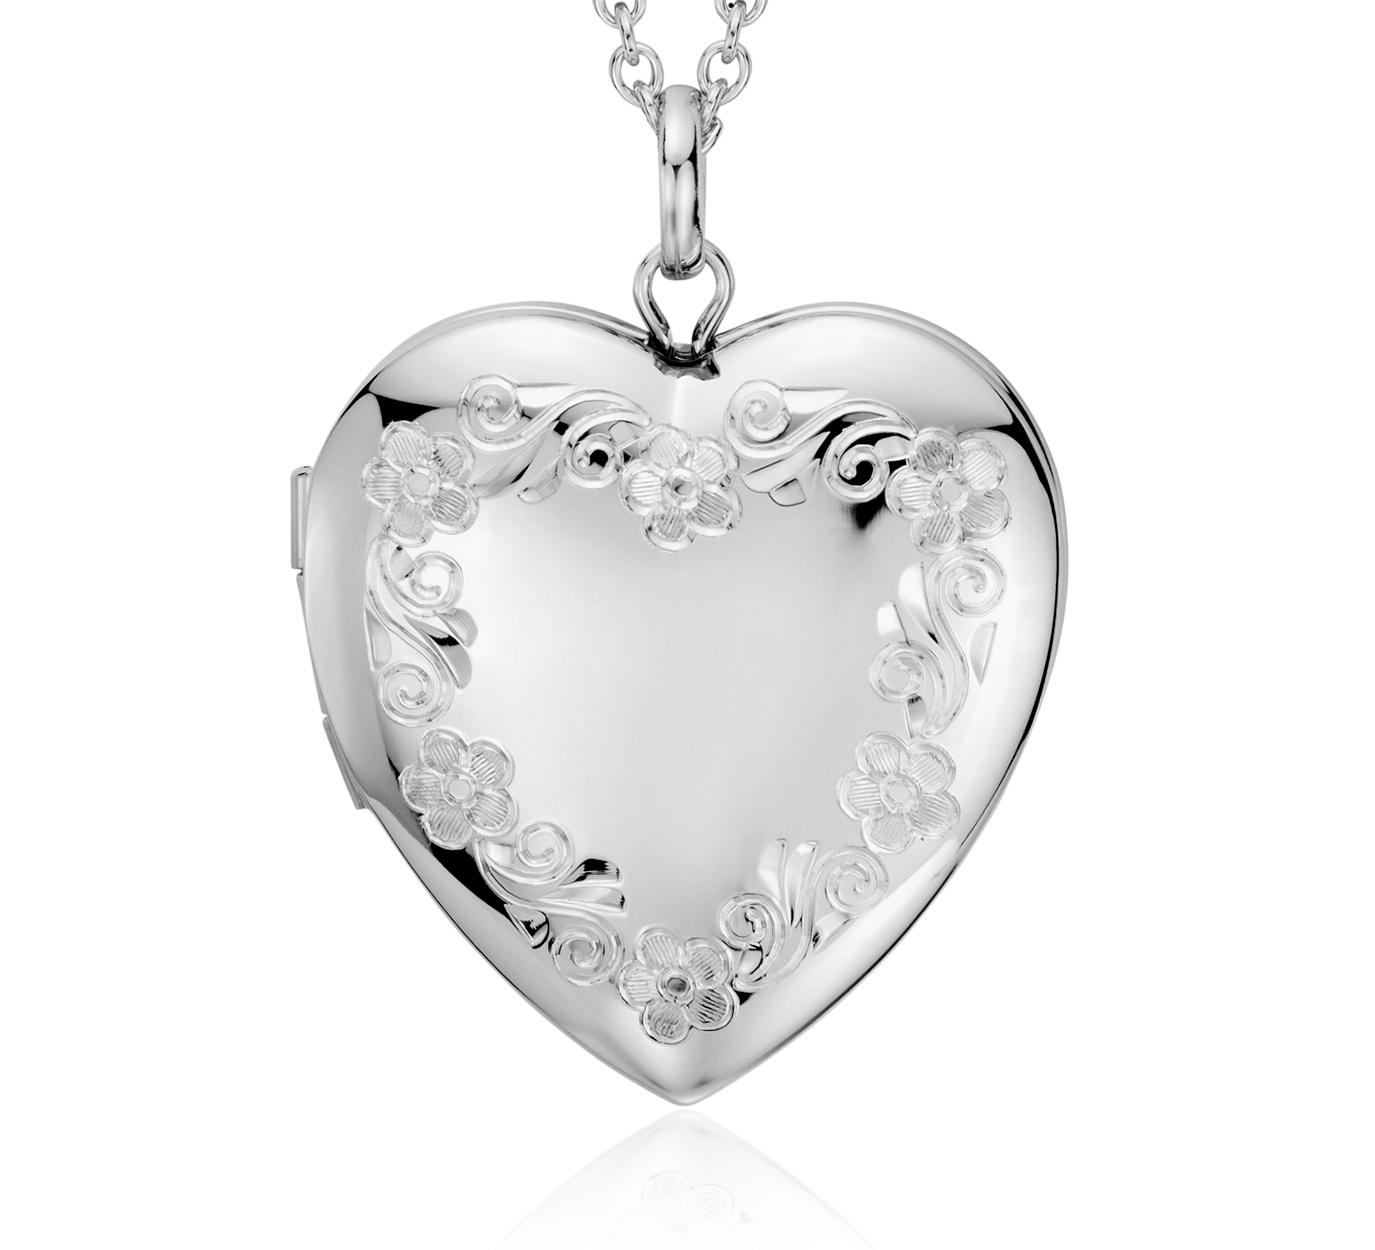 Relicario con forma de corazón con grabado de flores en plata de ley